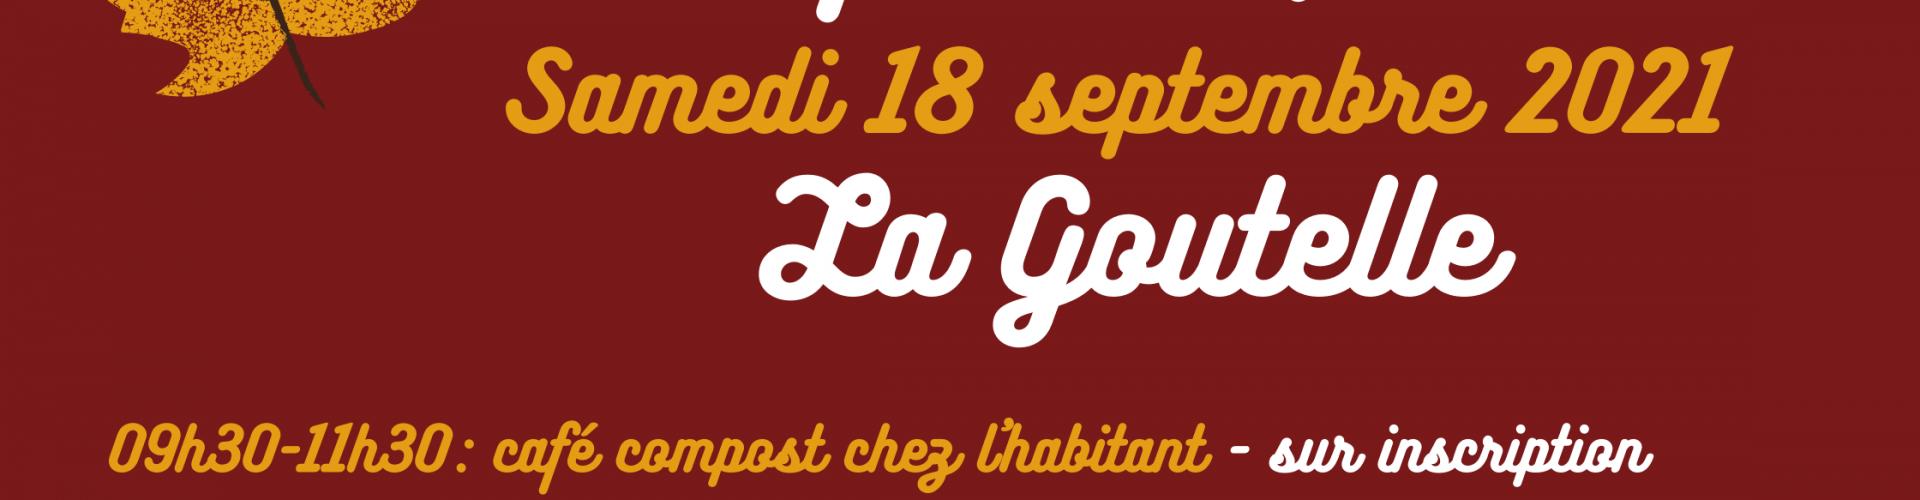 Café Compost à La Goutelle le 18/09